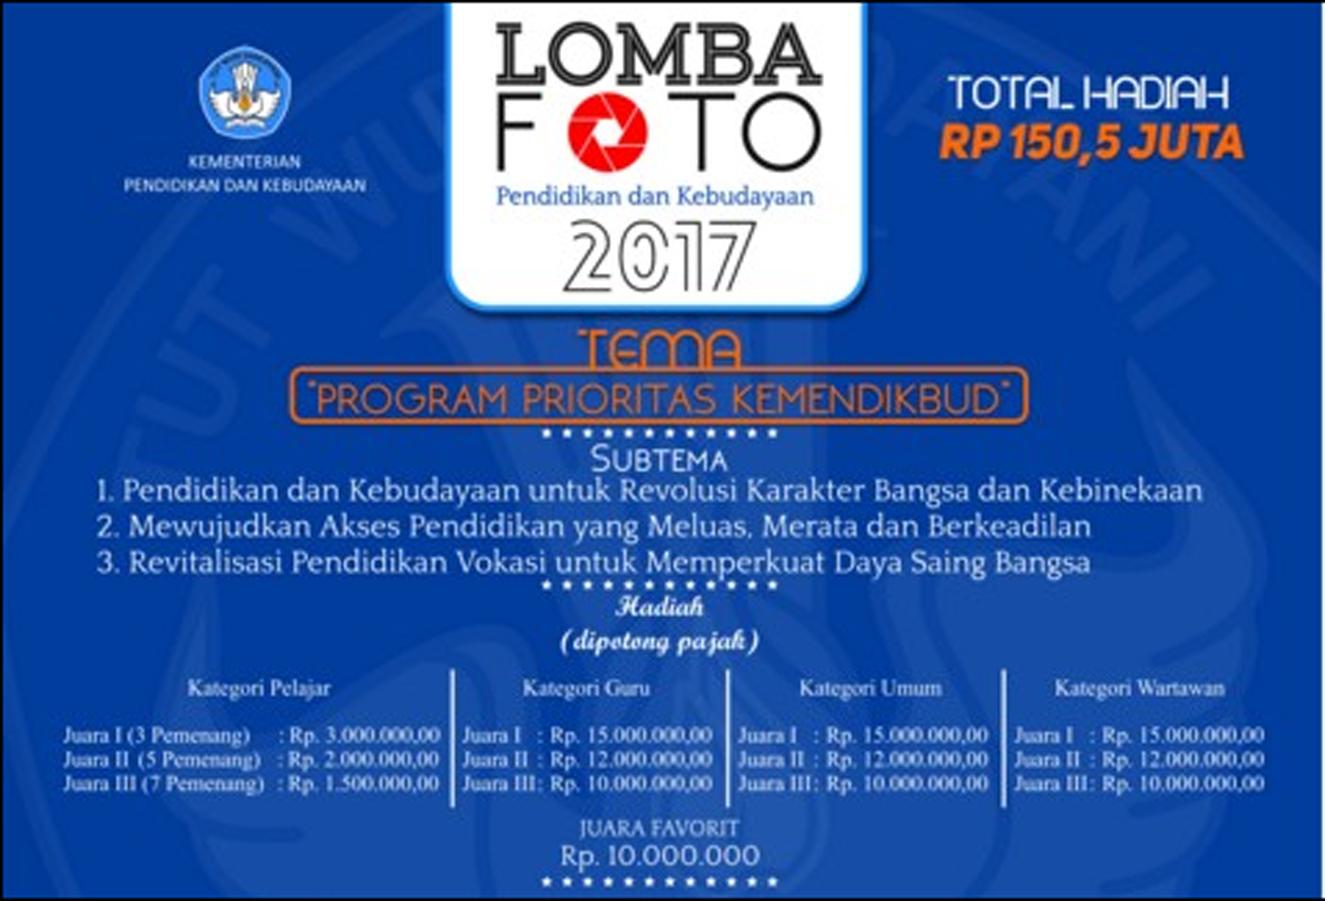 Lomba Foto Dan Kebudayaan 2017 by Kemendikbud